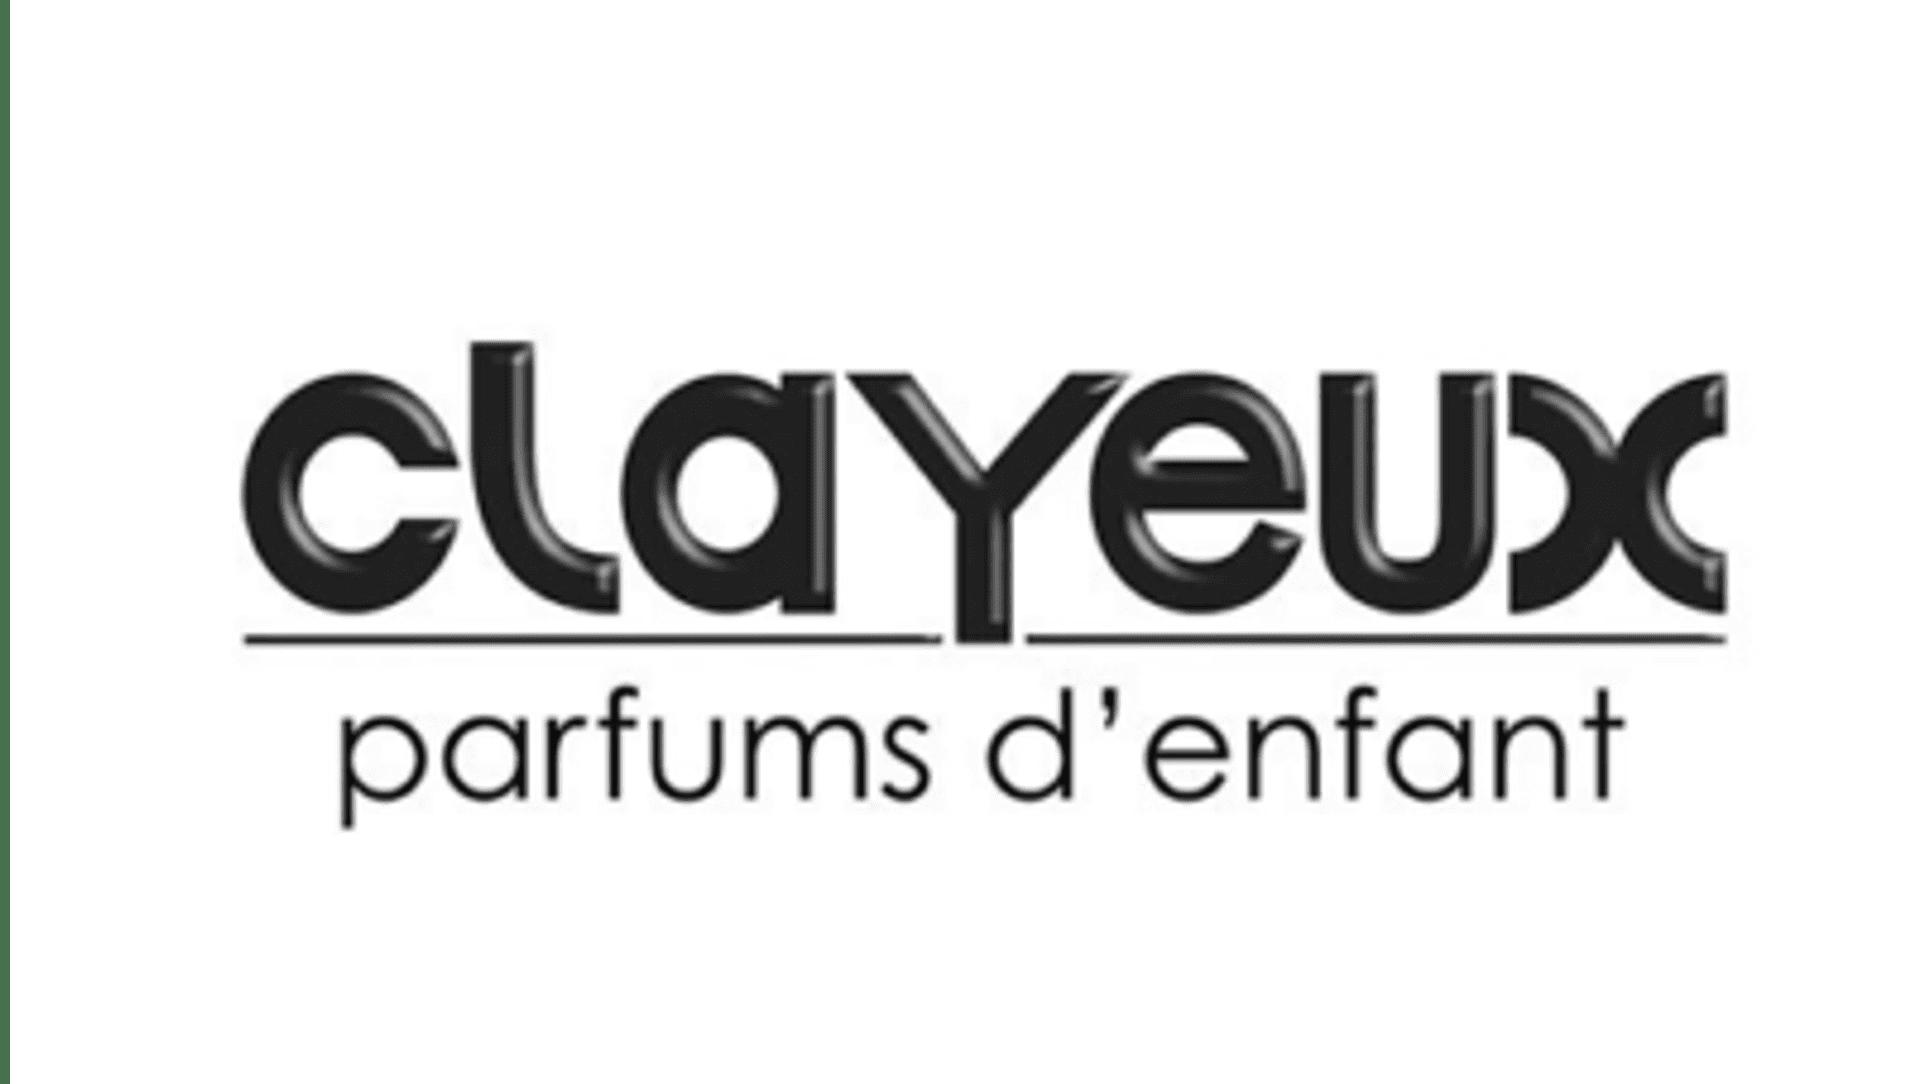 Clayeux parfums d'enfant